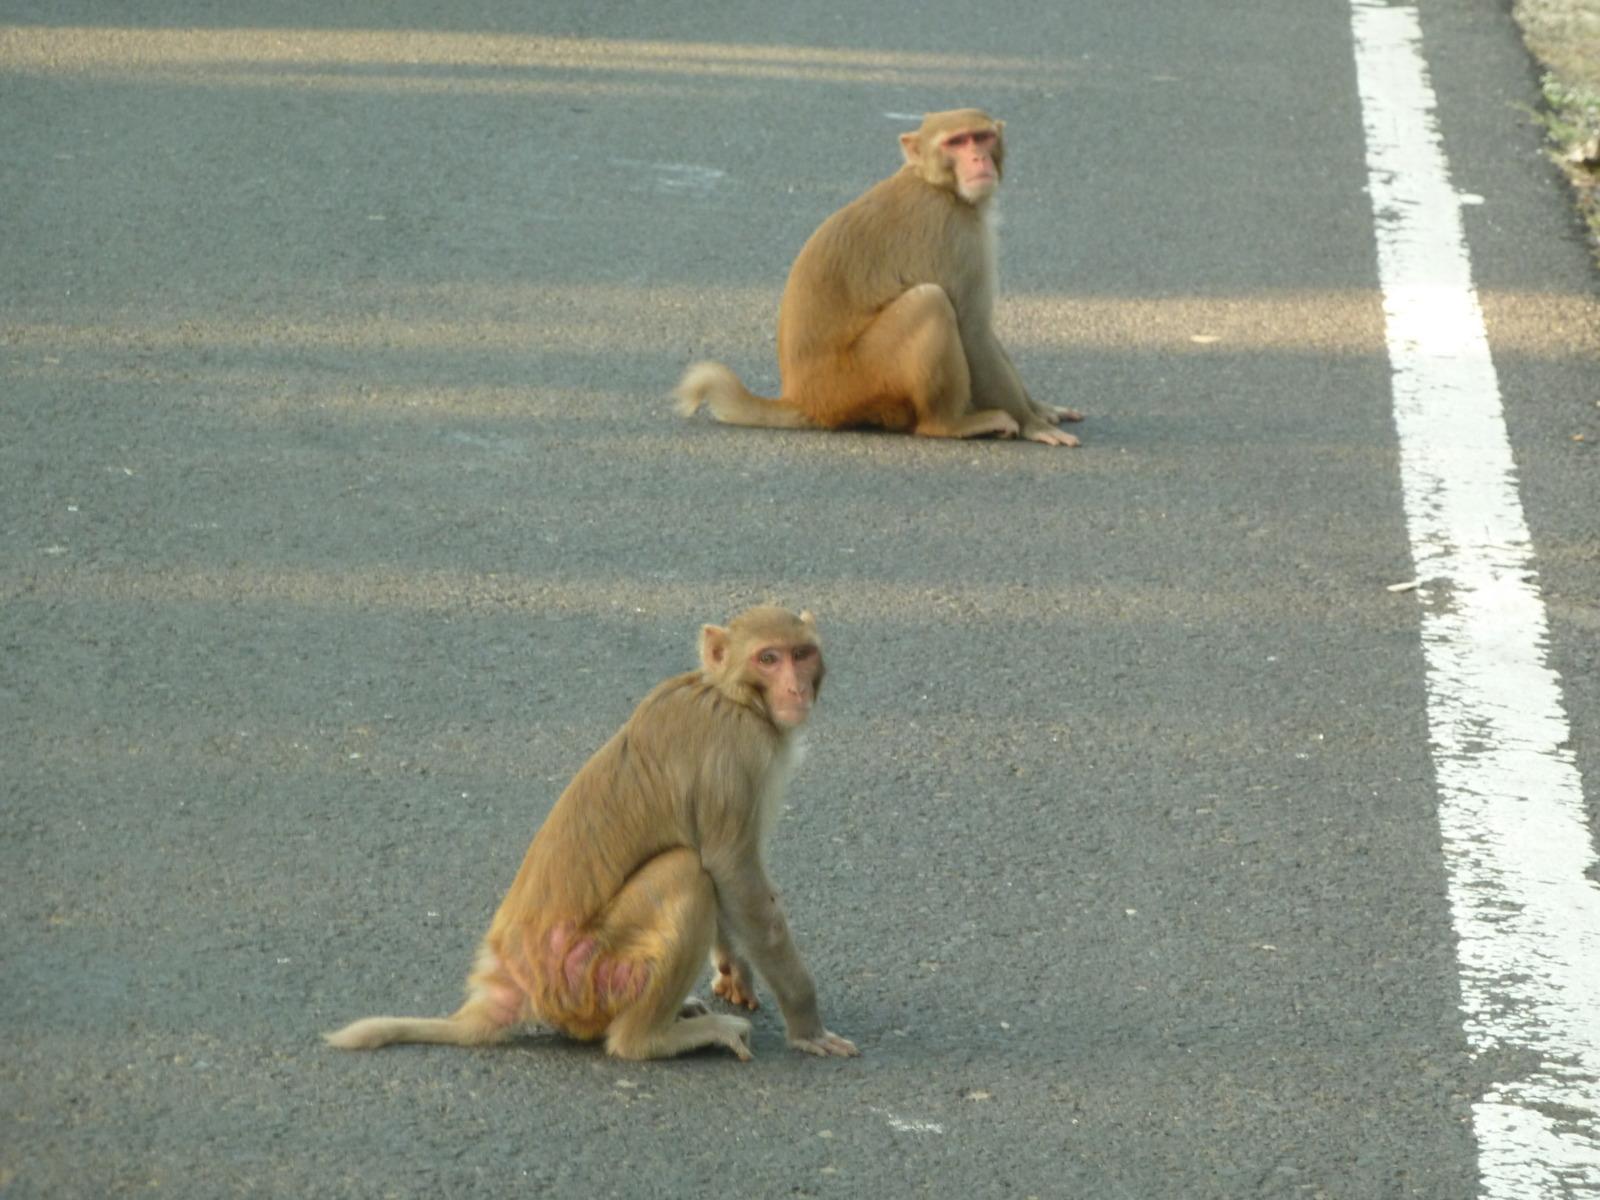 Monkeys in the road